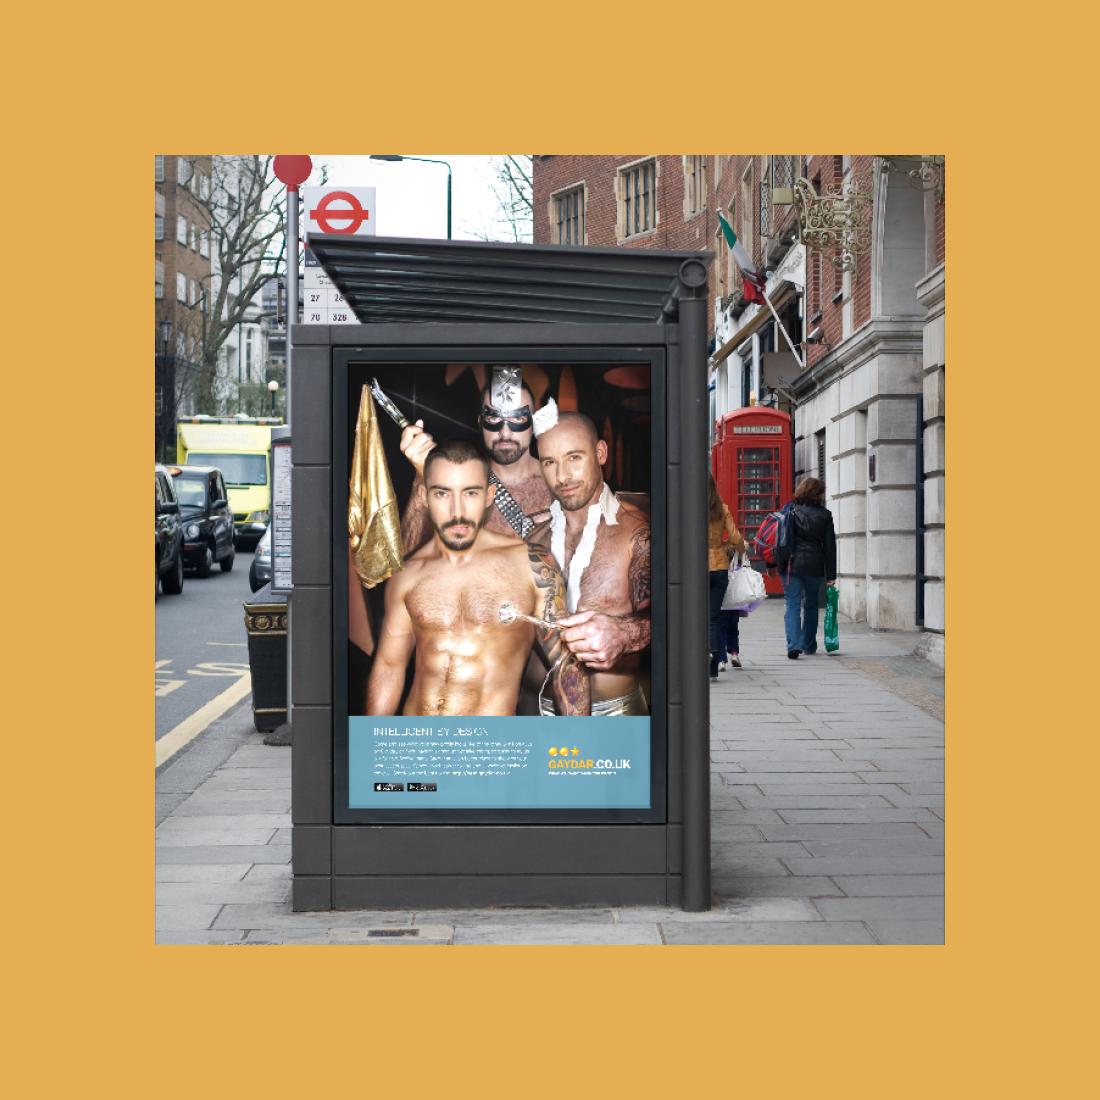 Gaydar Adshel Advertising